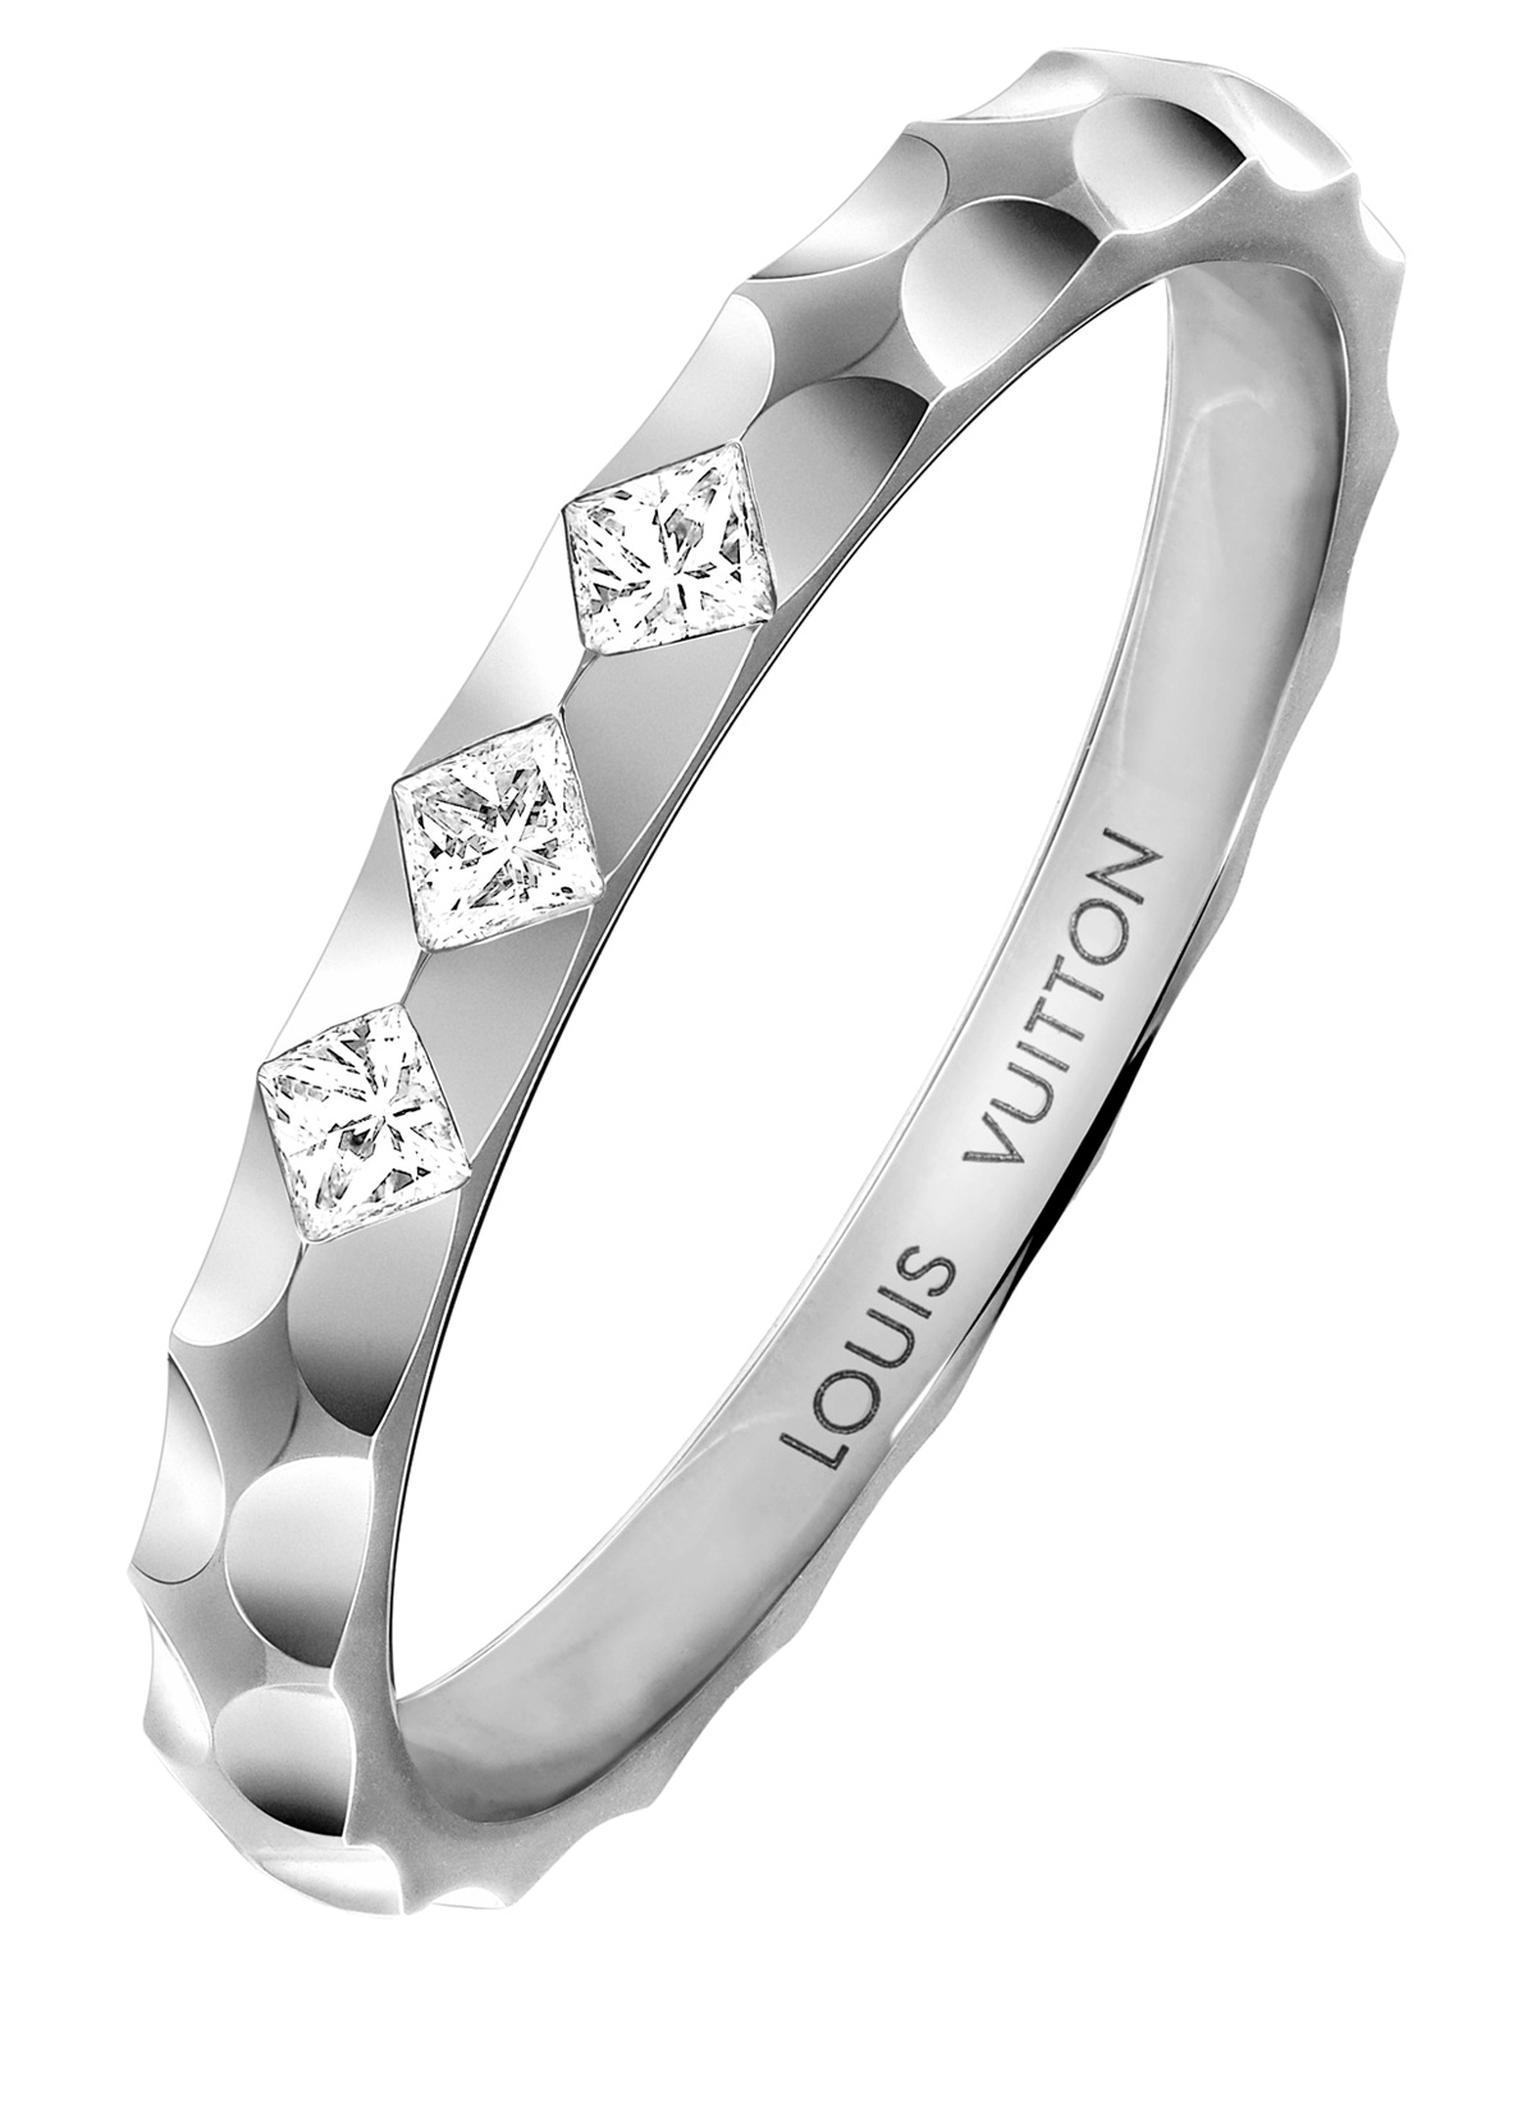 Louis Vuitton Monogram Infini Wedding Ring 20170830 Zoom